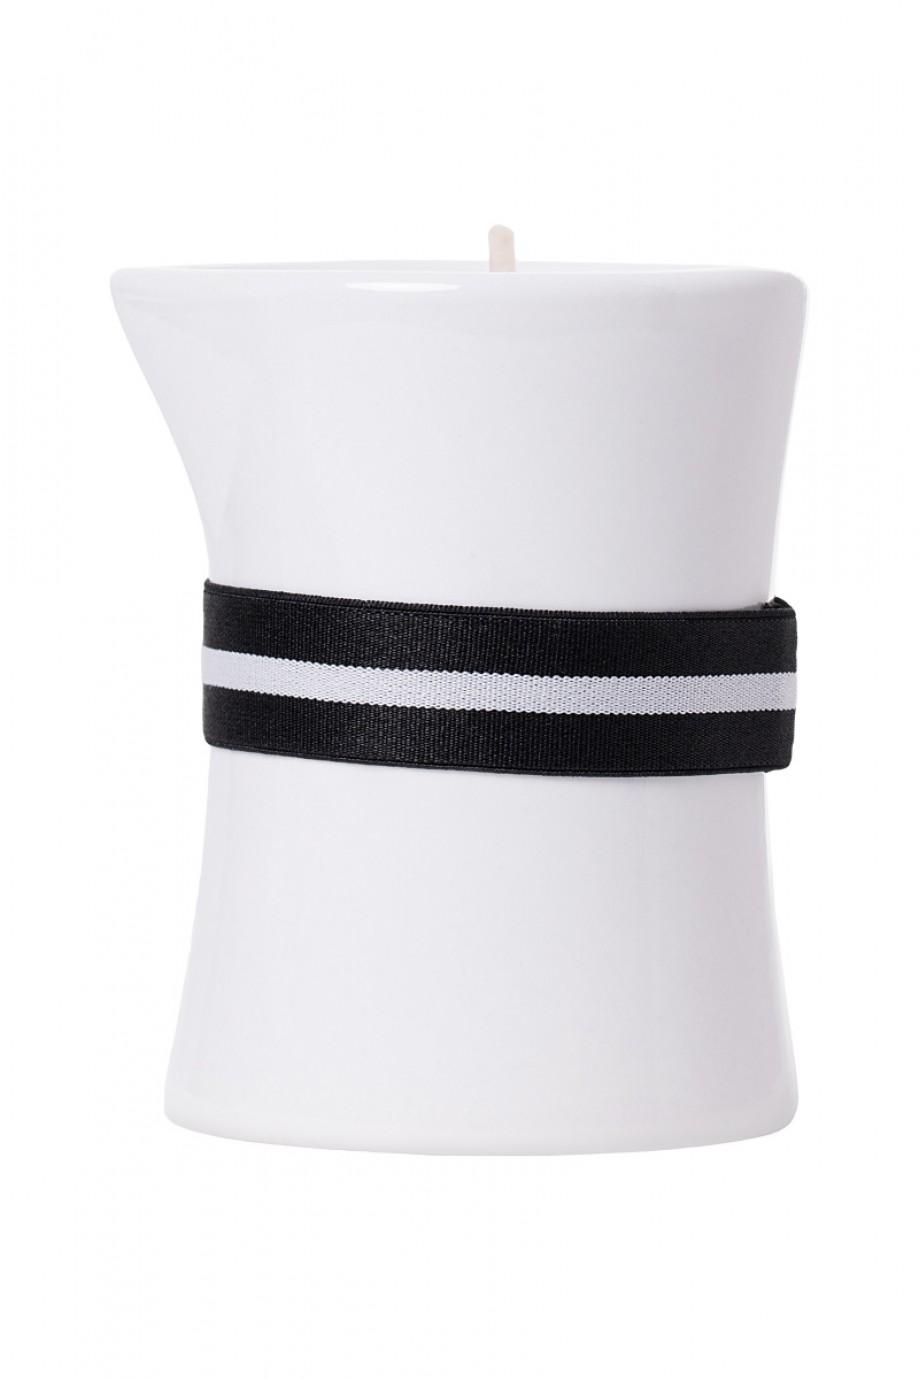 Массажная свеча Petits JouJoux Paris с ароматом ванили и сандалового дерева, 120 мл